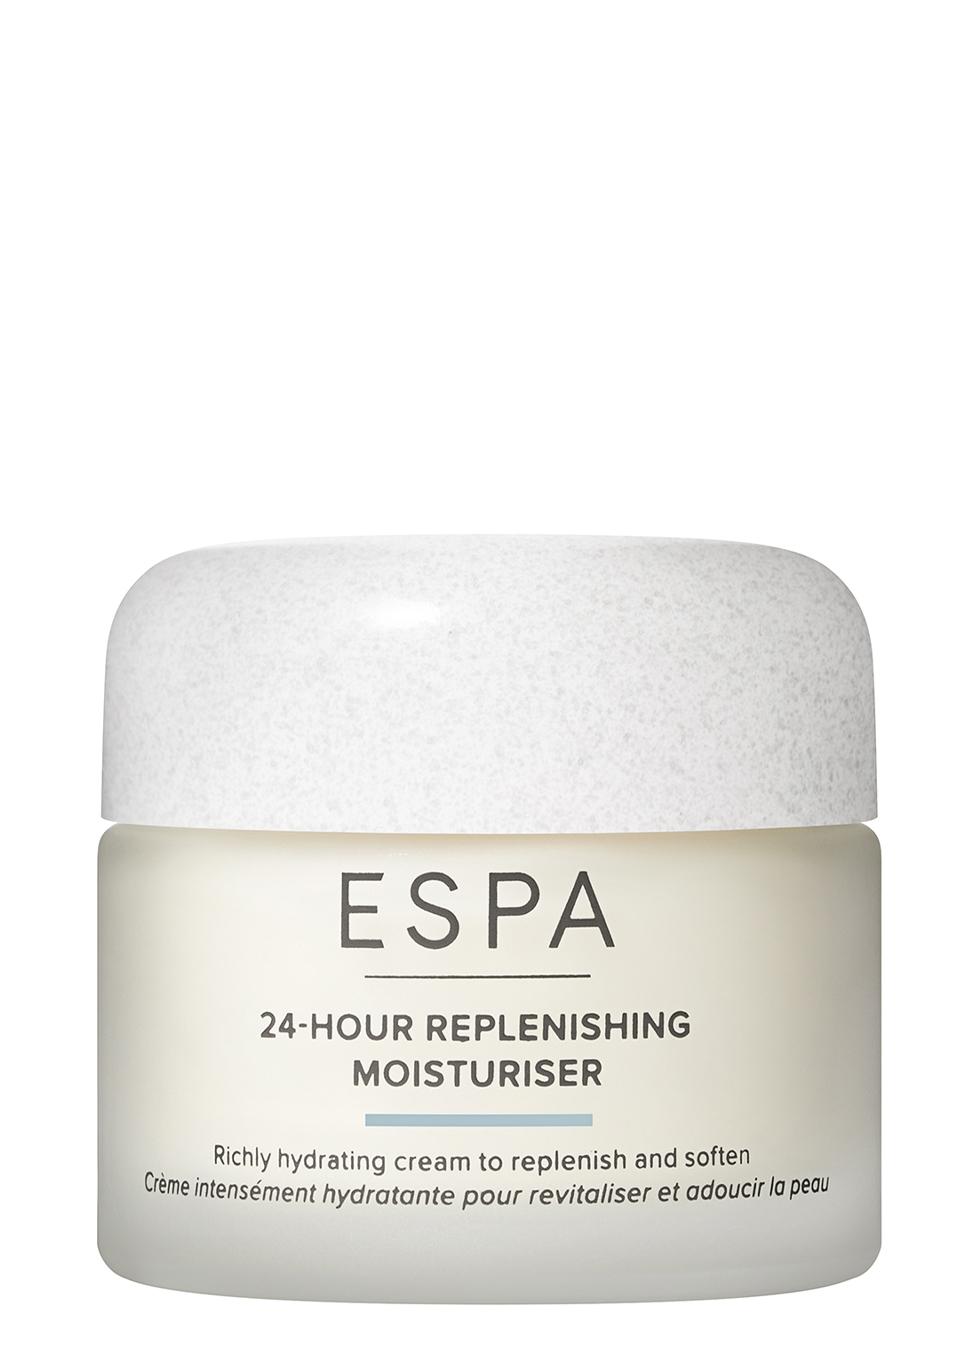 24-Hour Replenishing Moisturiser 55ml